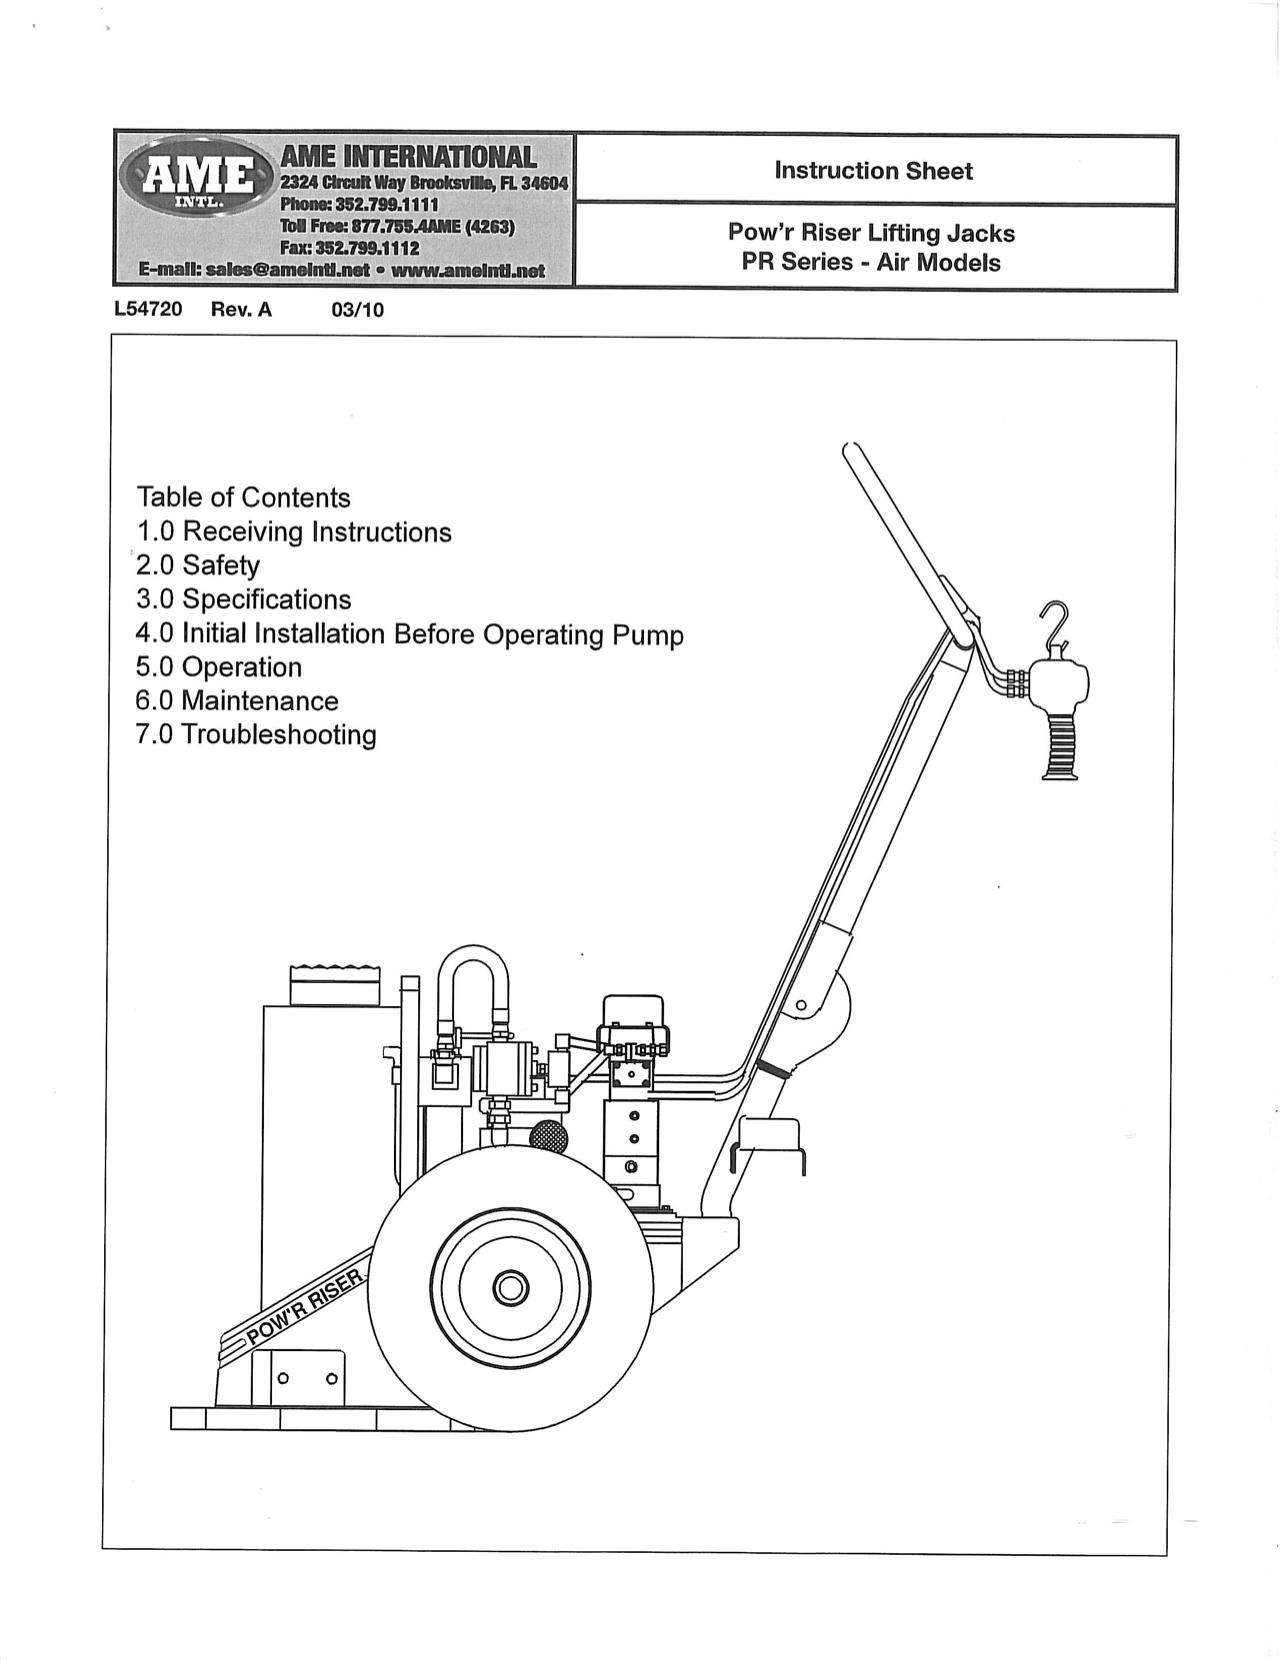 powr-riser-air-instructions-thumbnail.png